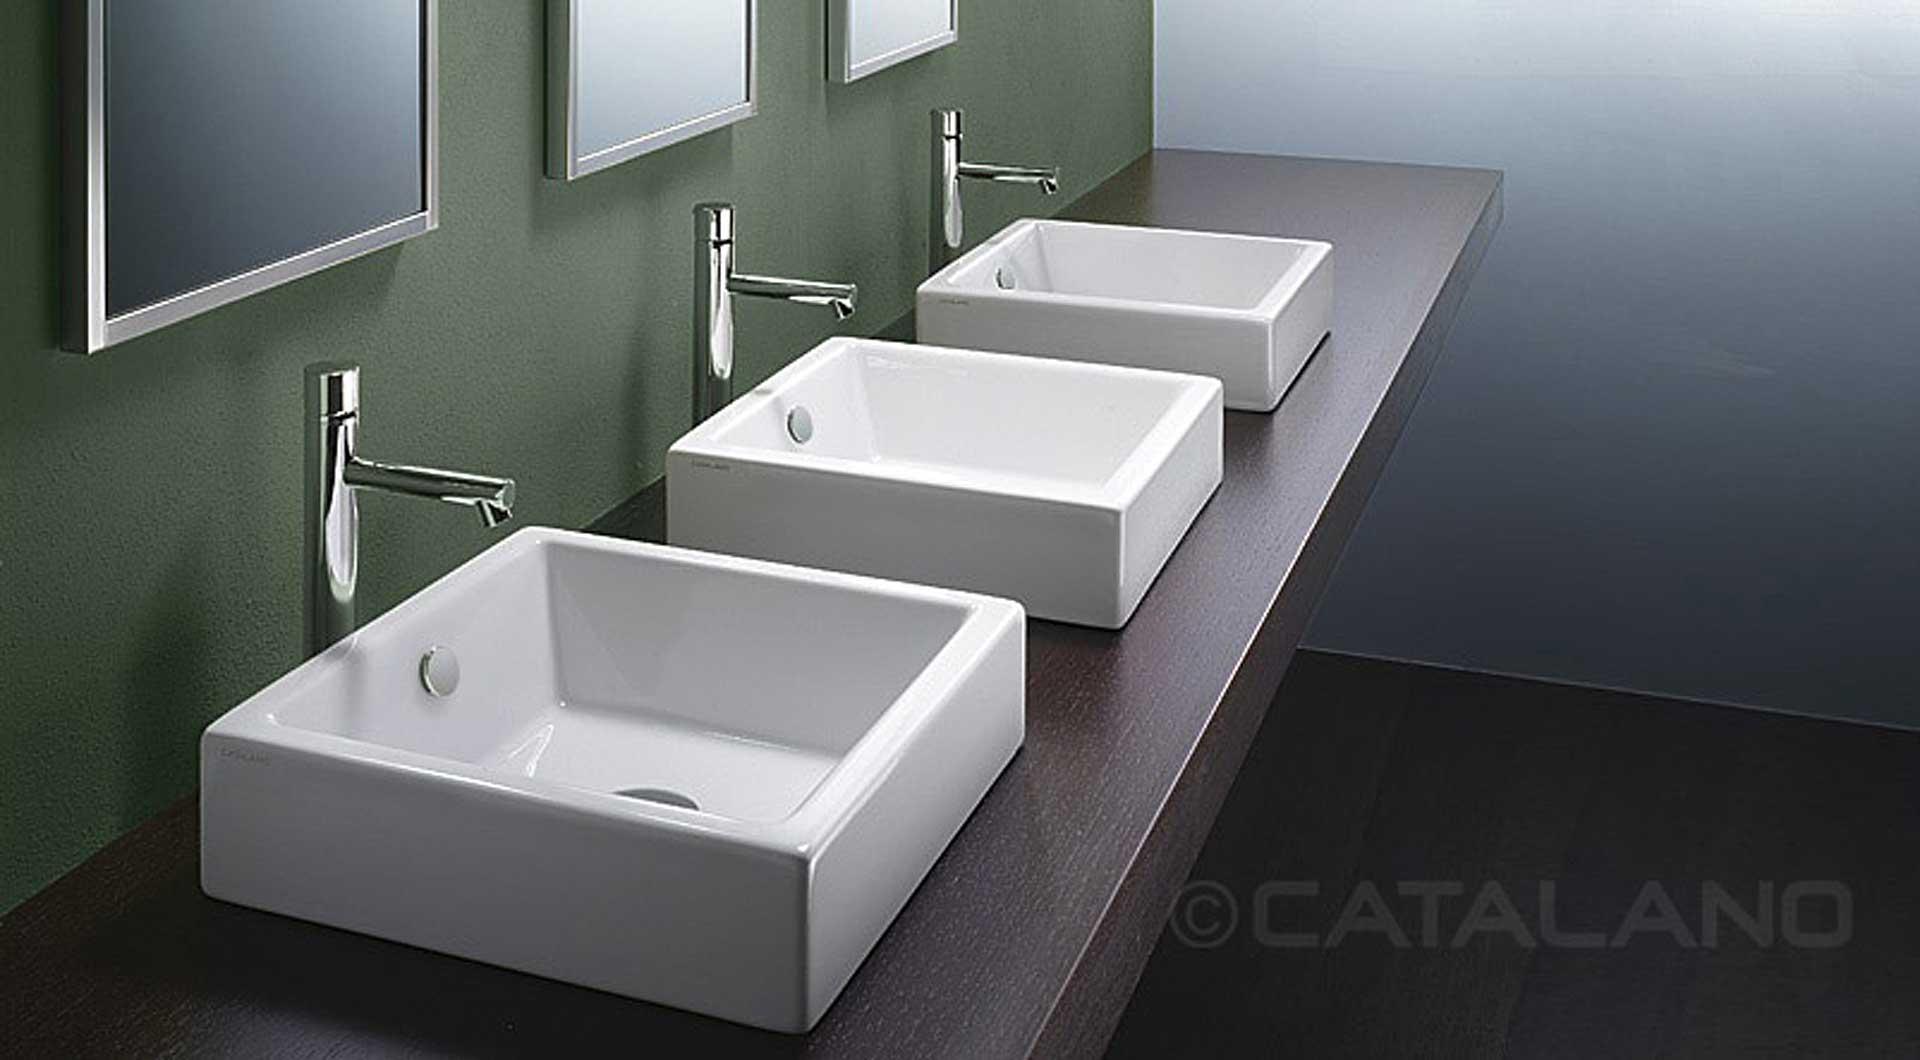 catalano-natalucci-per-il-design